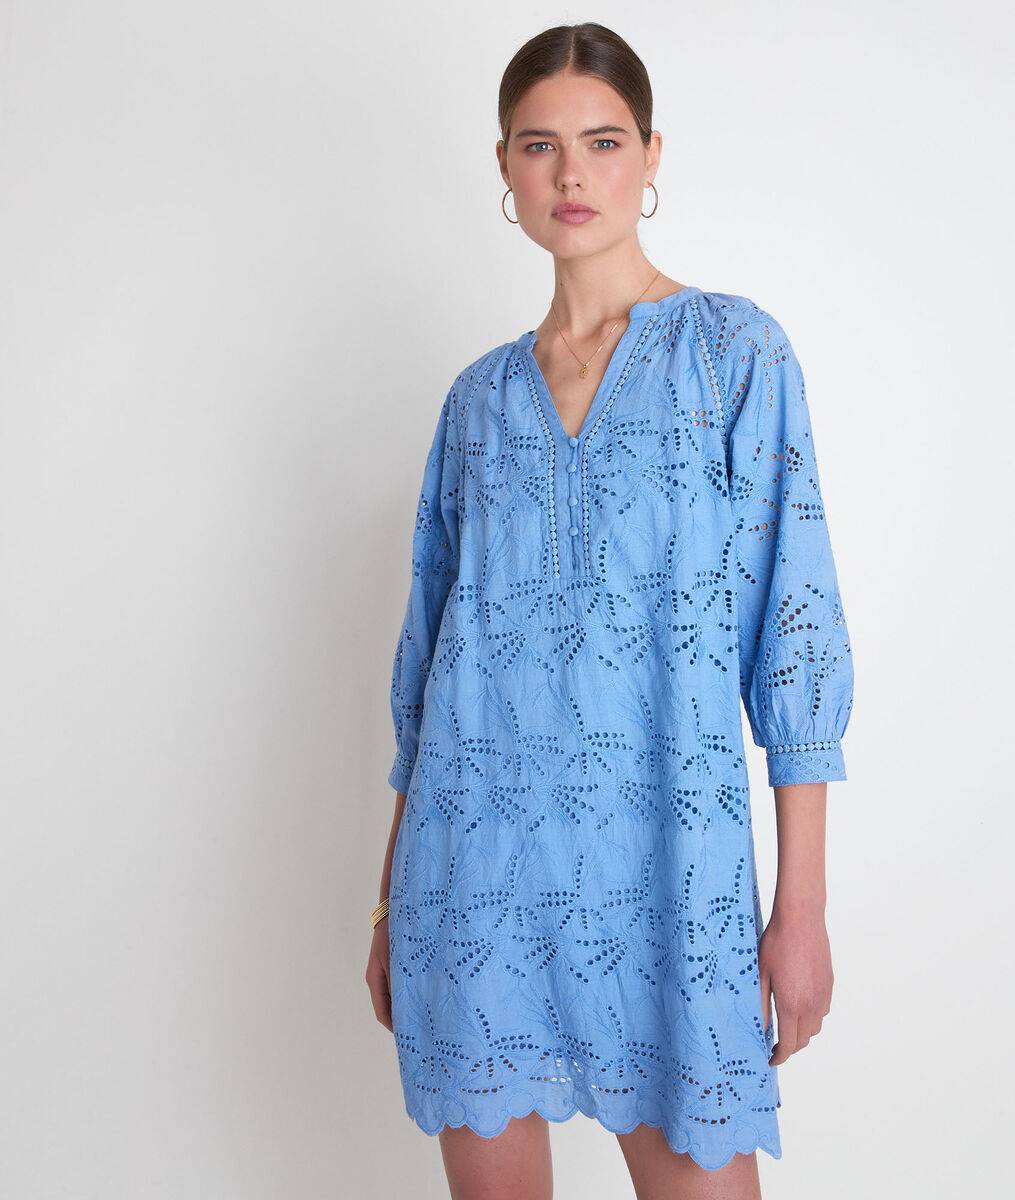 Robe en coton brodé bleu Coco PhotoZ | 1-2-3